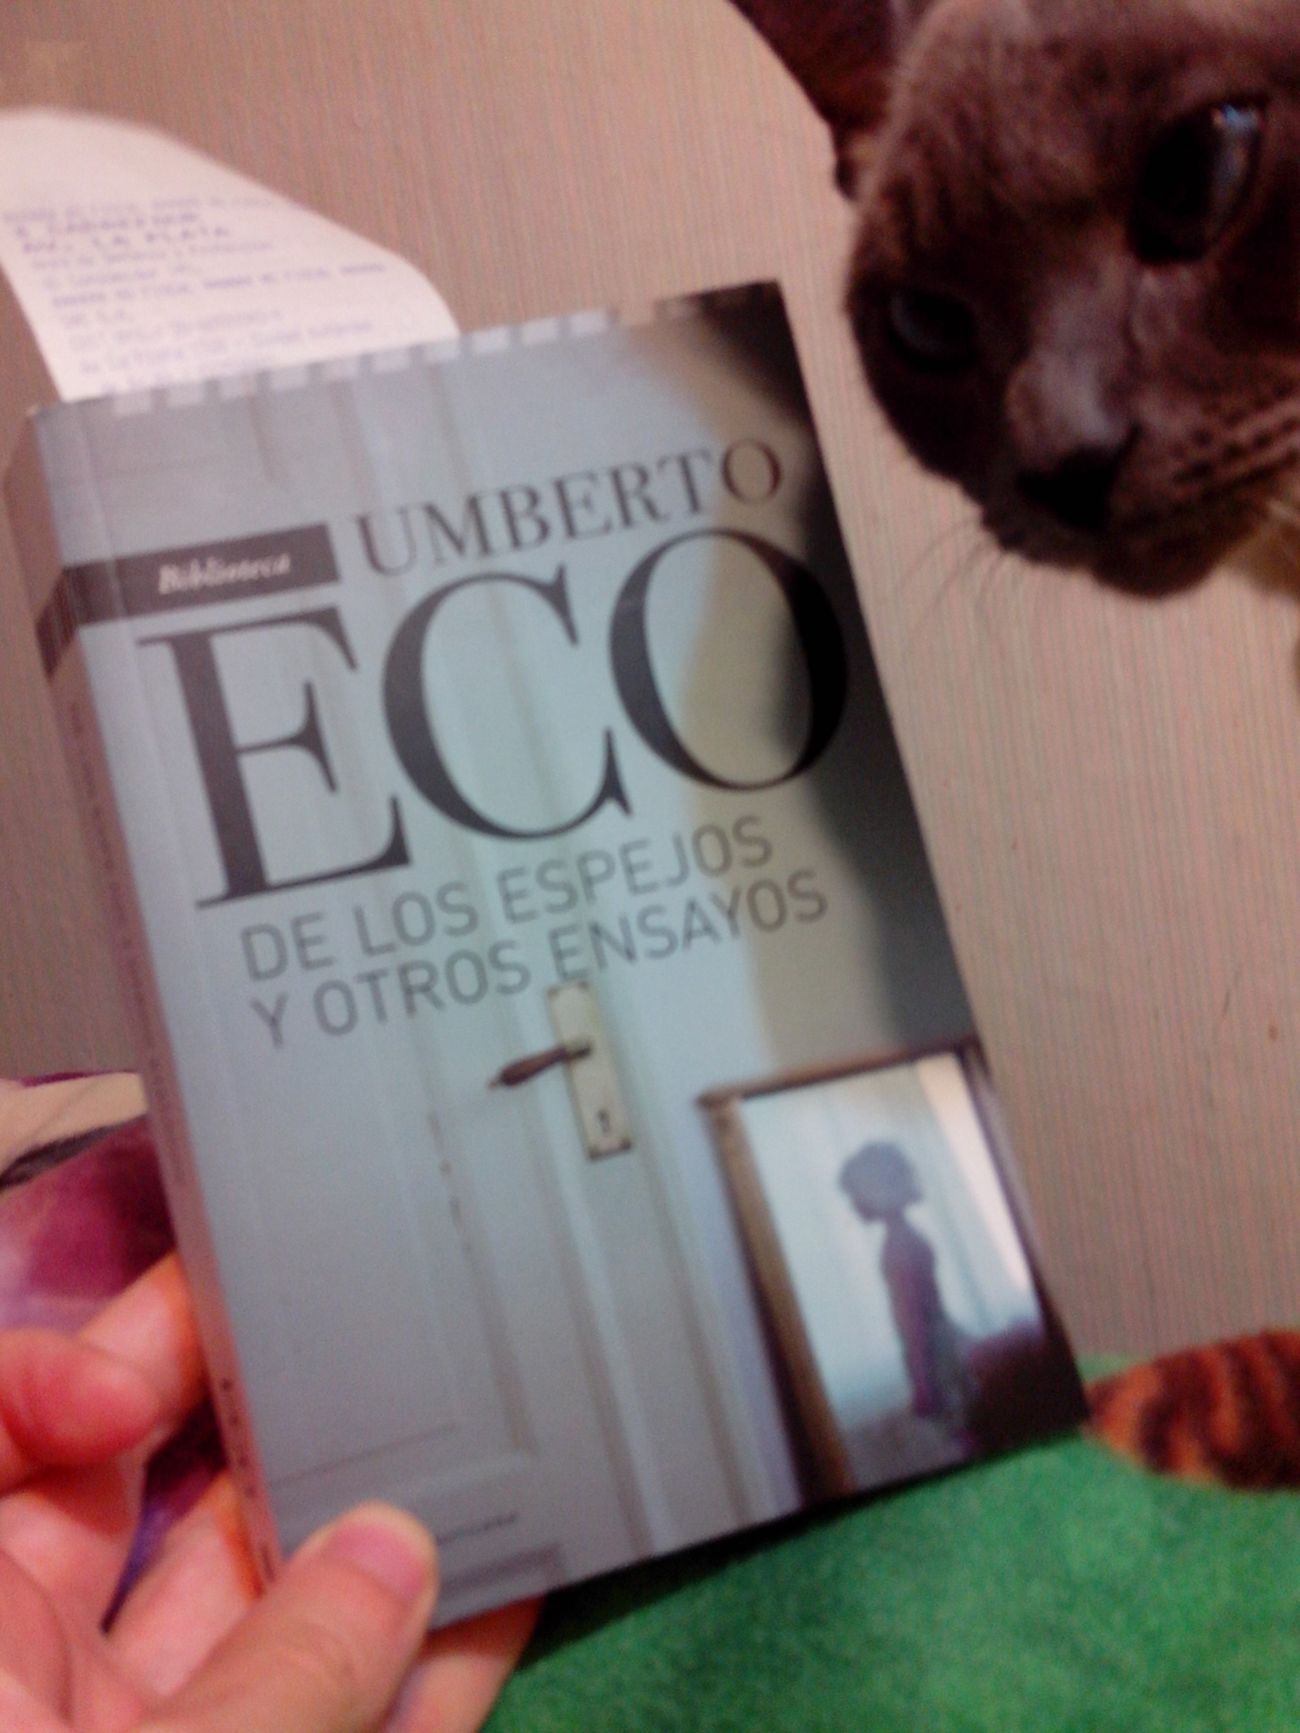 Indispensable lectura de Umberto Eco y la semiotica de los espejos y la mirada.